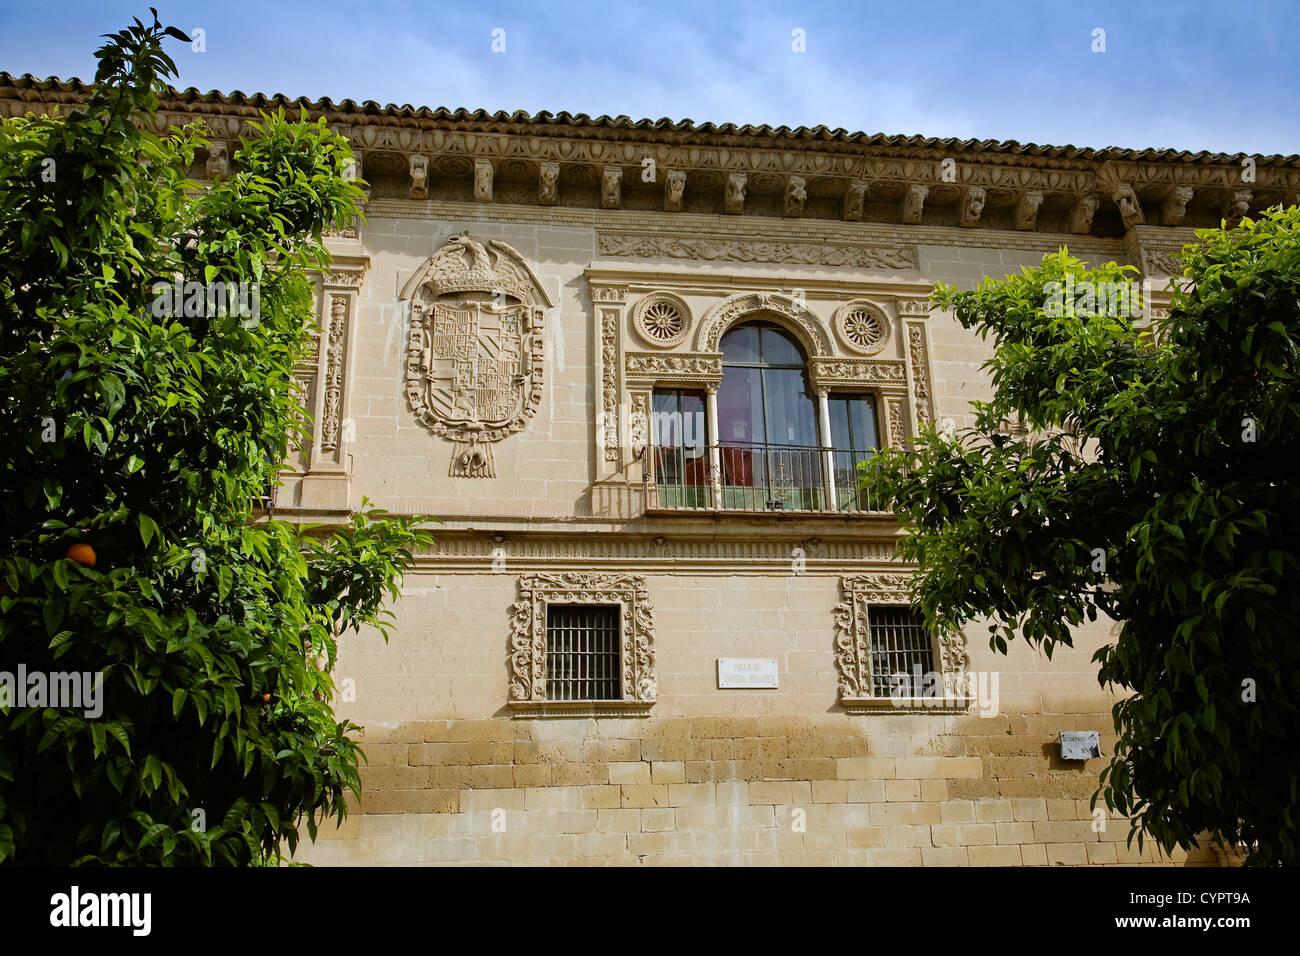 baeza council heritage site jaen Andalusia Spain ayuntamiento baeza patrimonio de la humanidad jaen andalucia españa Stock Photo